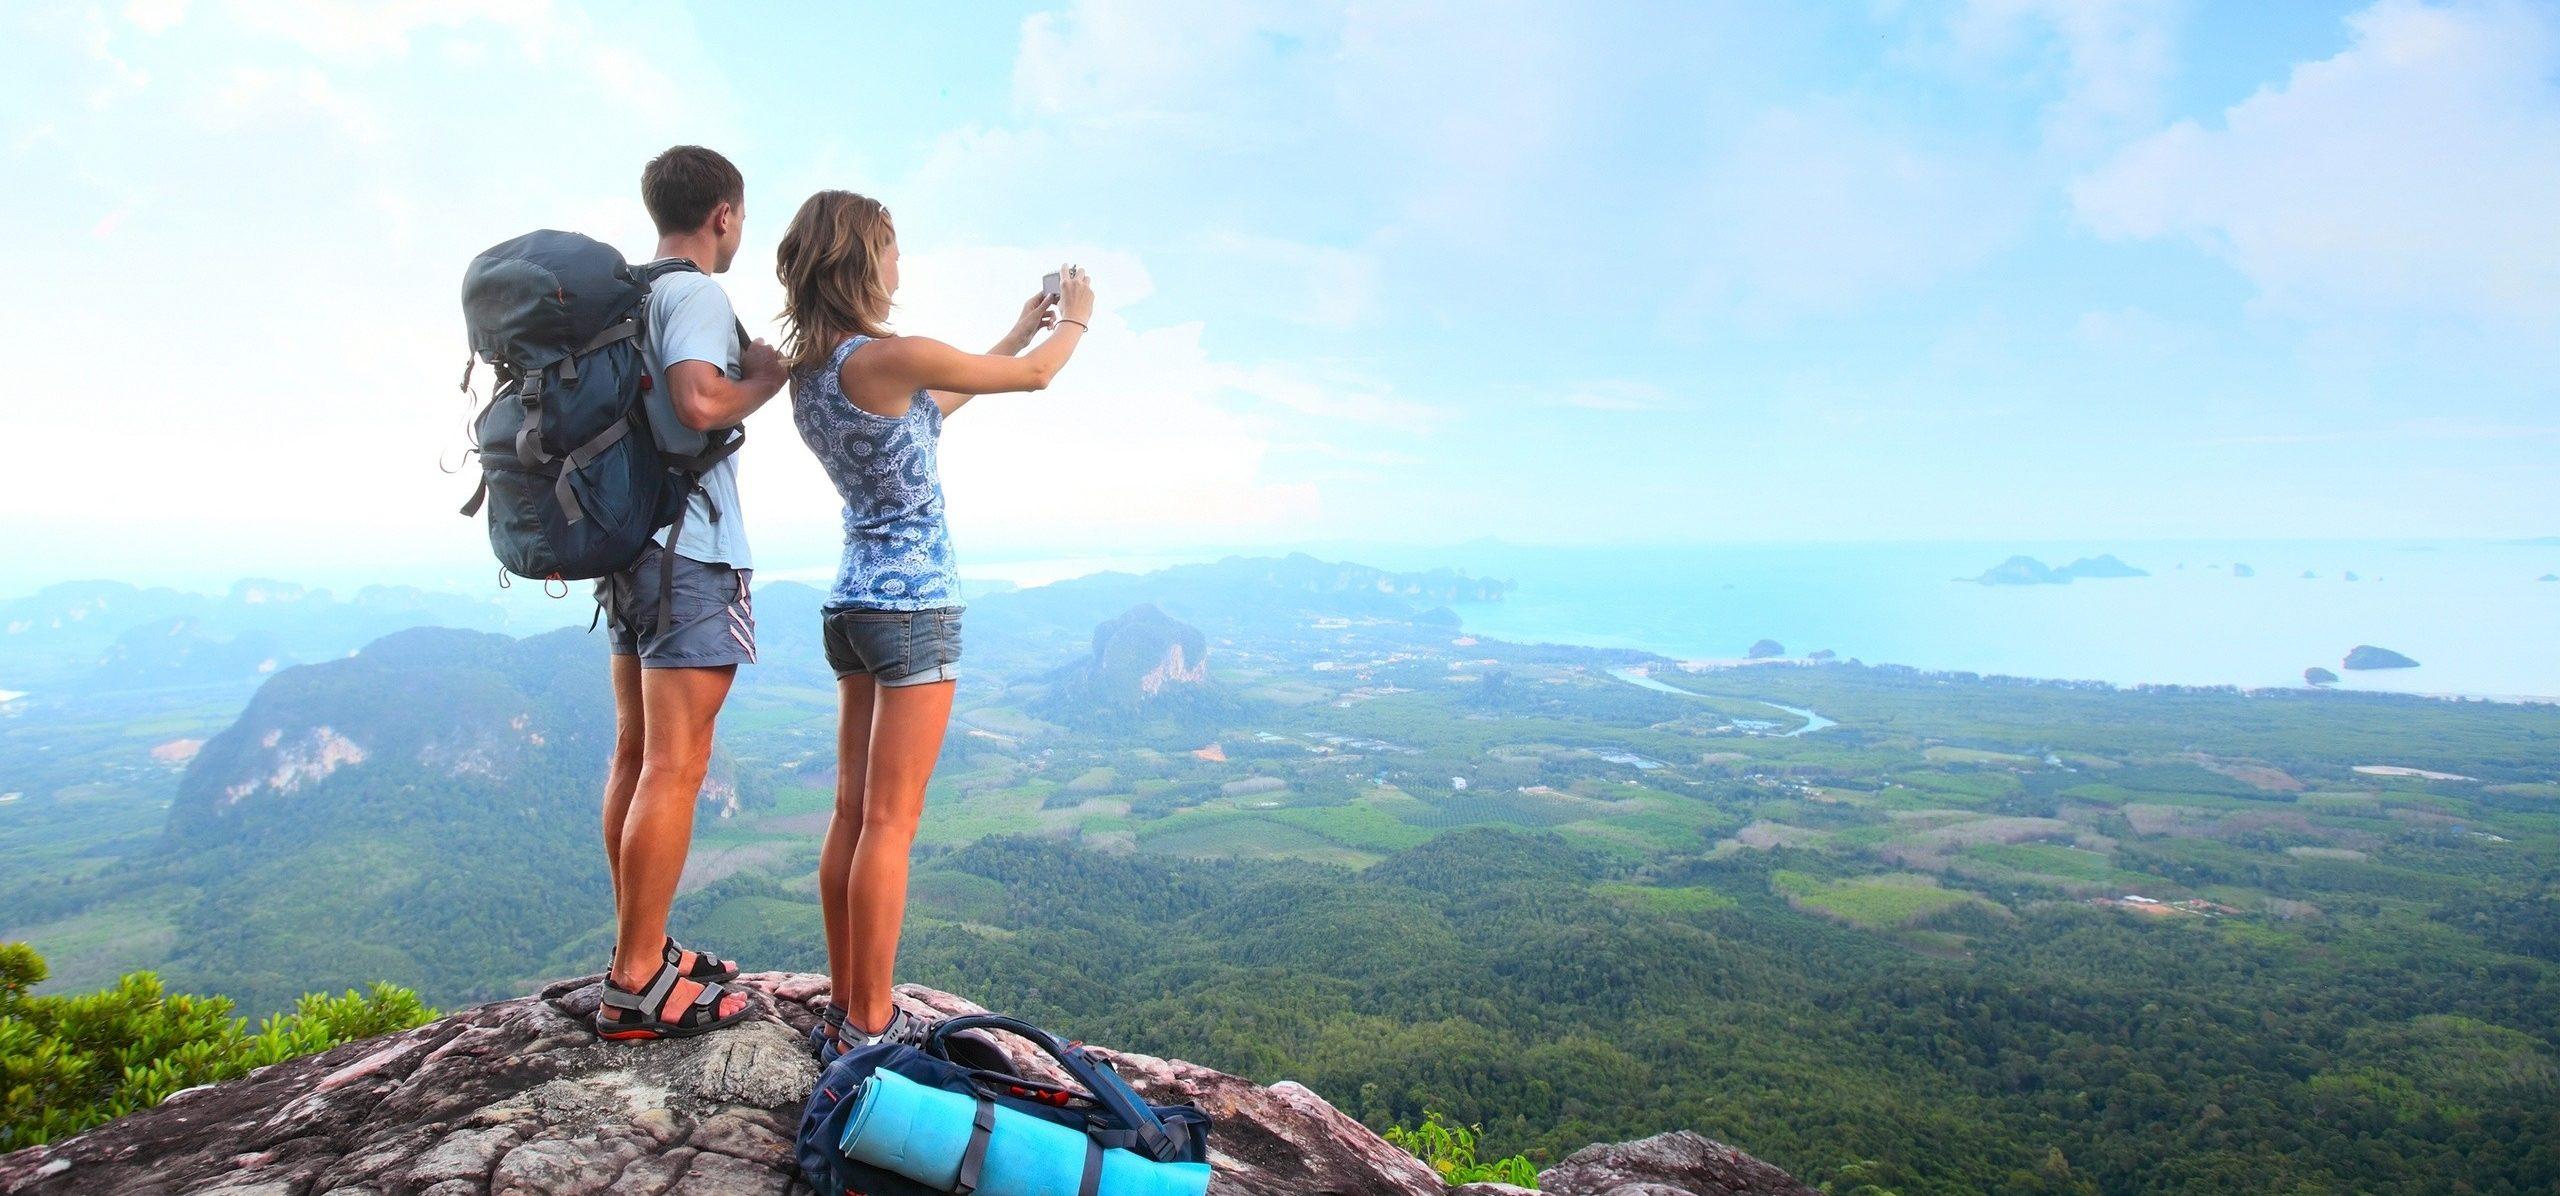 Какую пользу людям приносят путешествия?